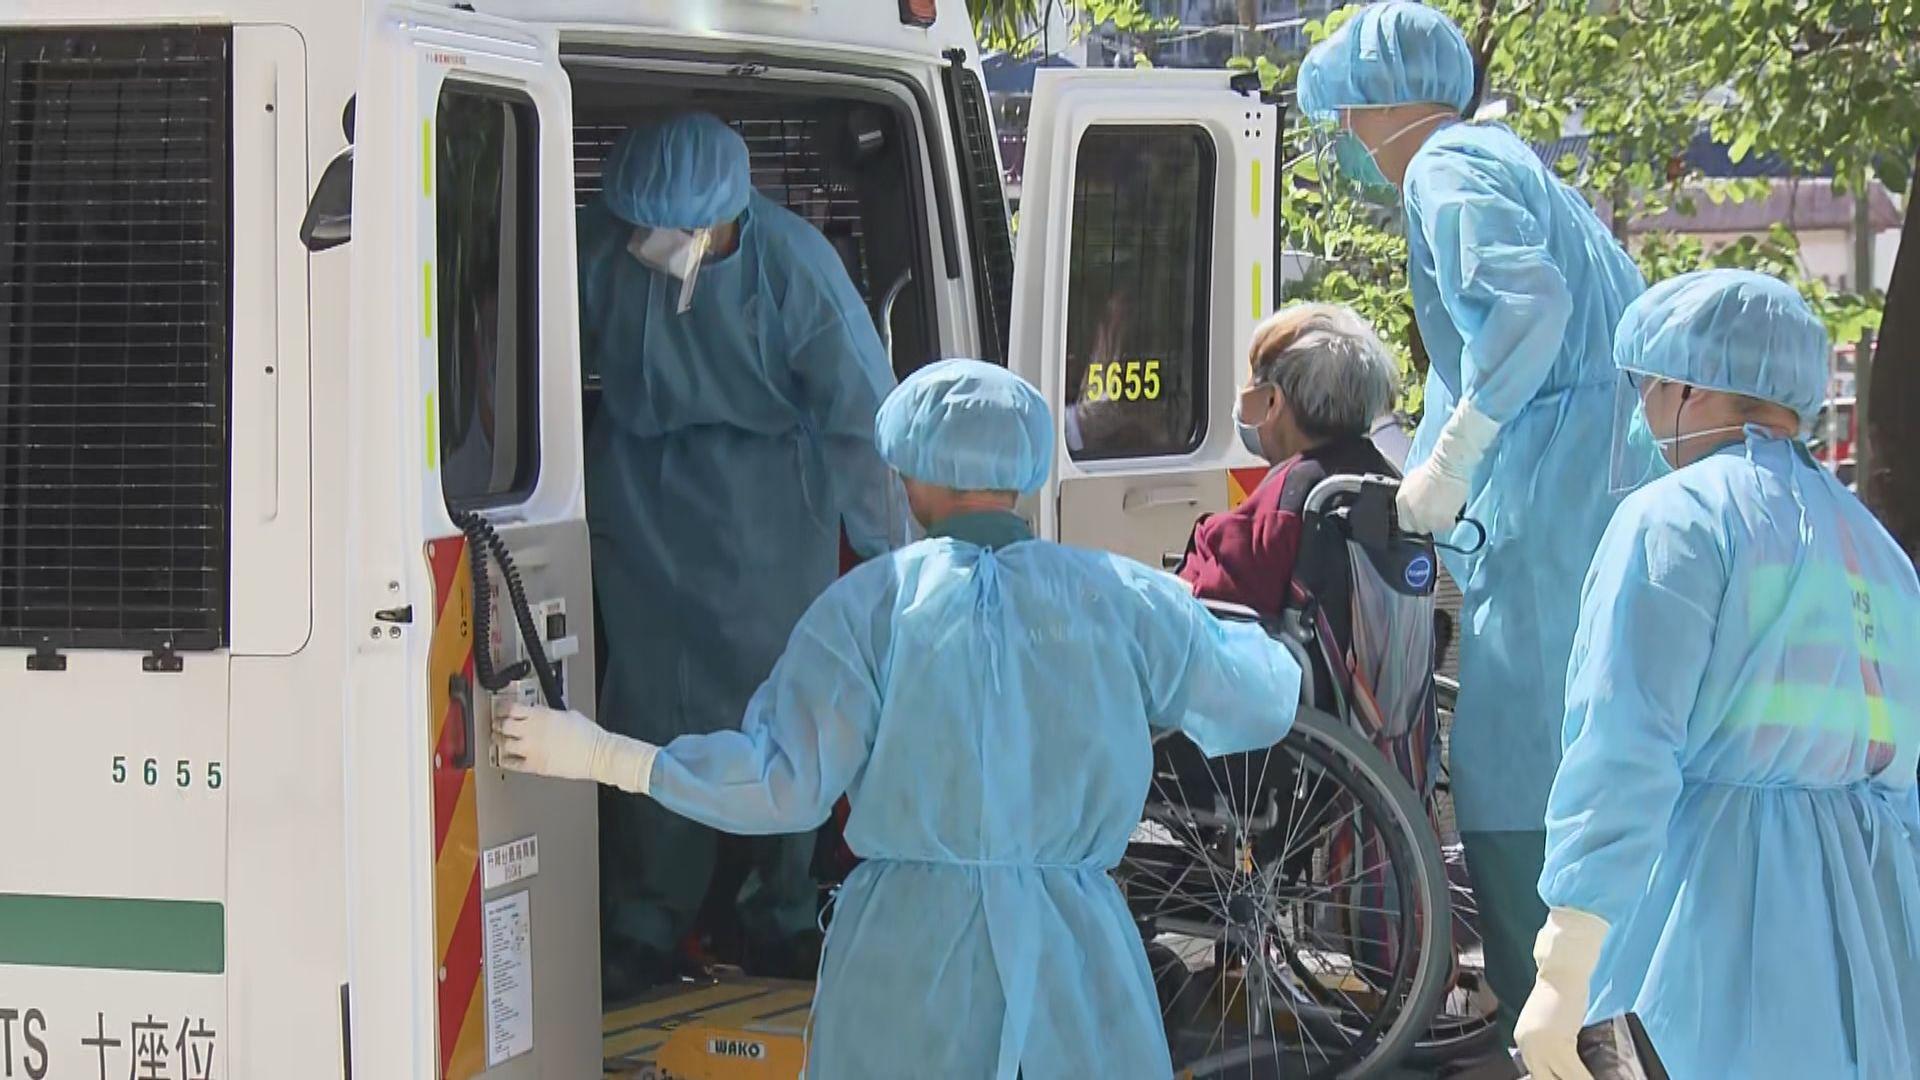 消息:隆亨長者之家院友撤至西貢老人度假中心檢疫